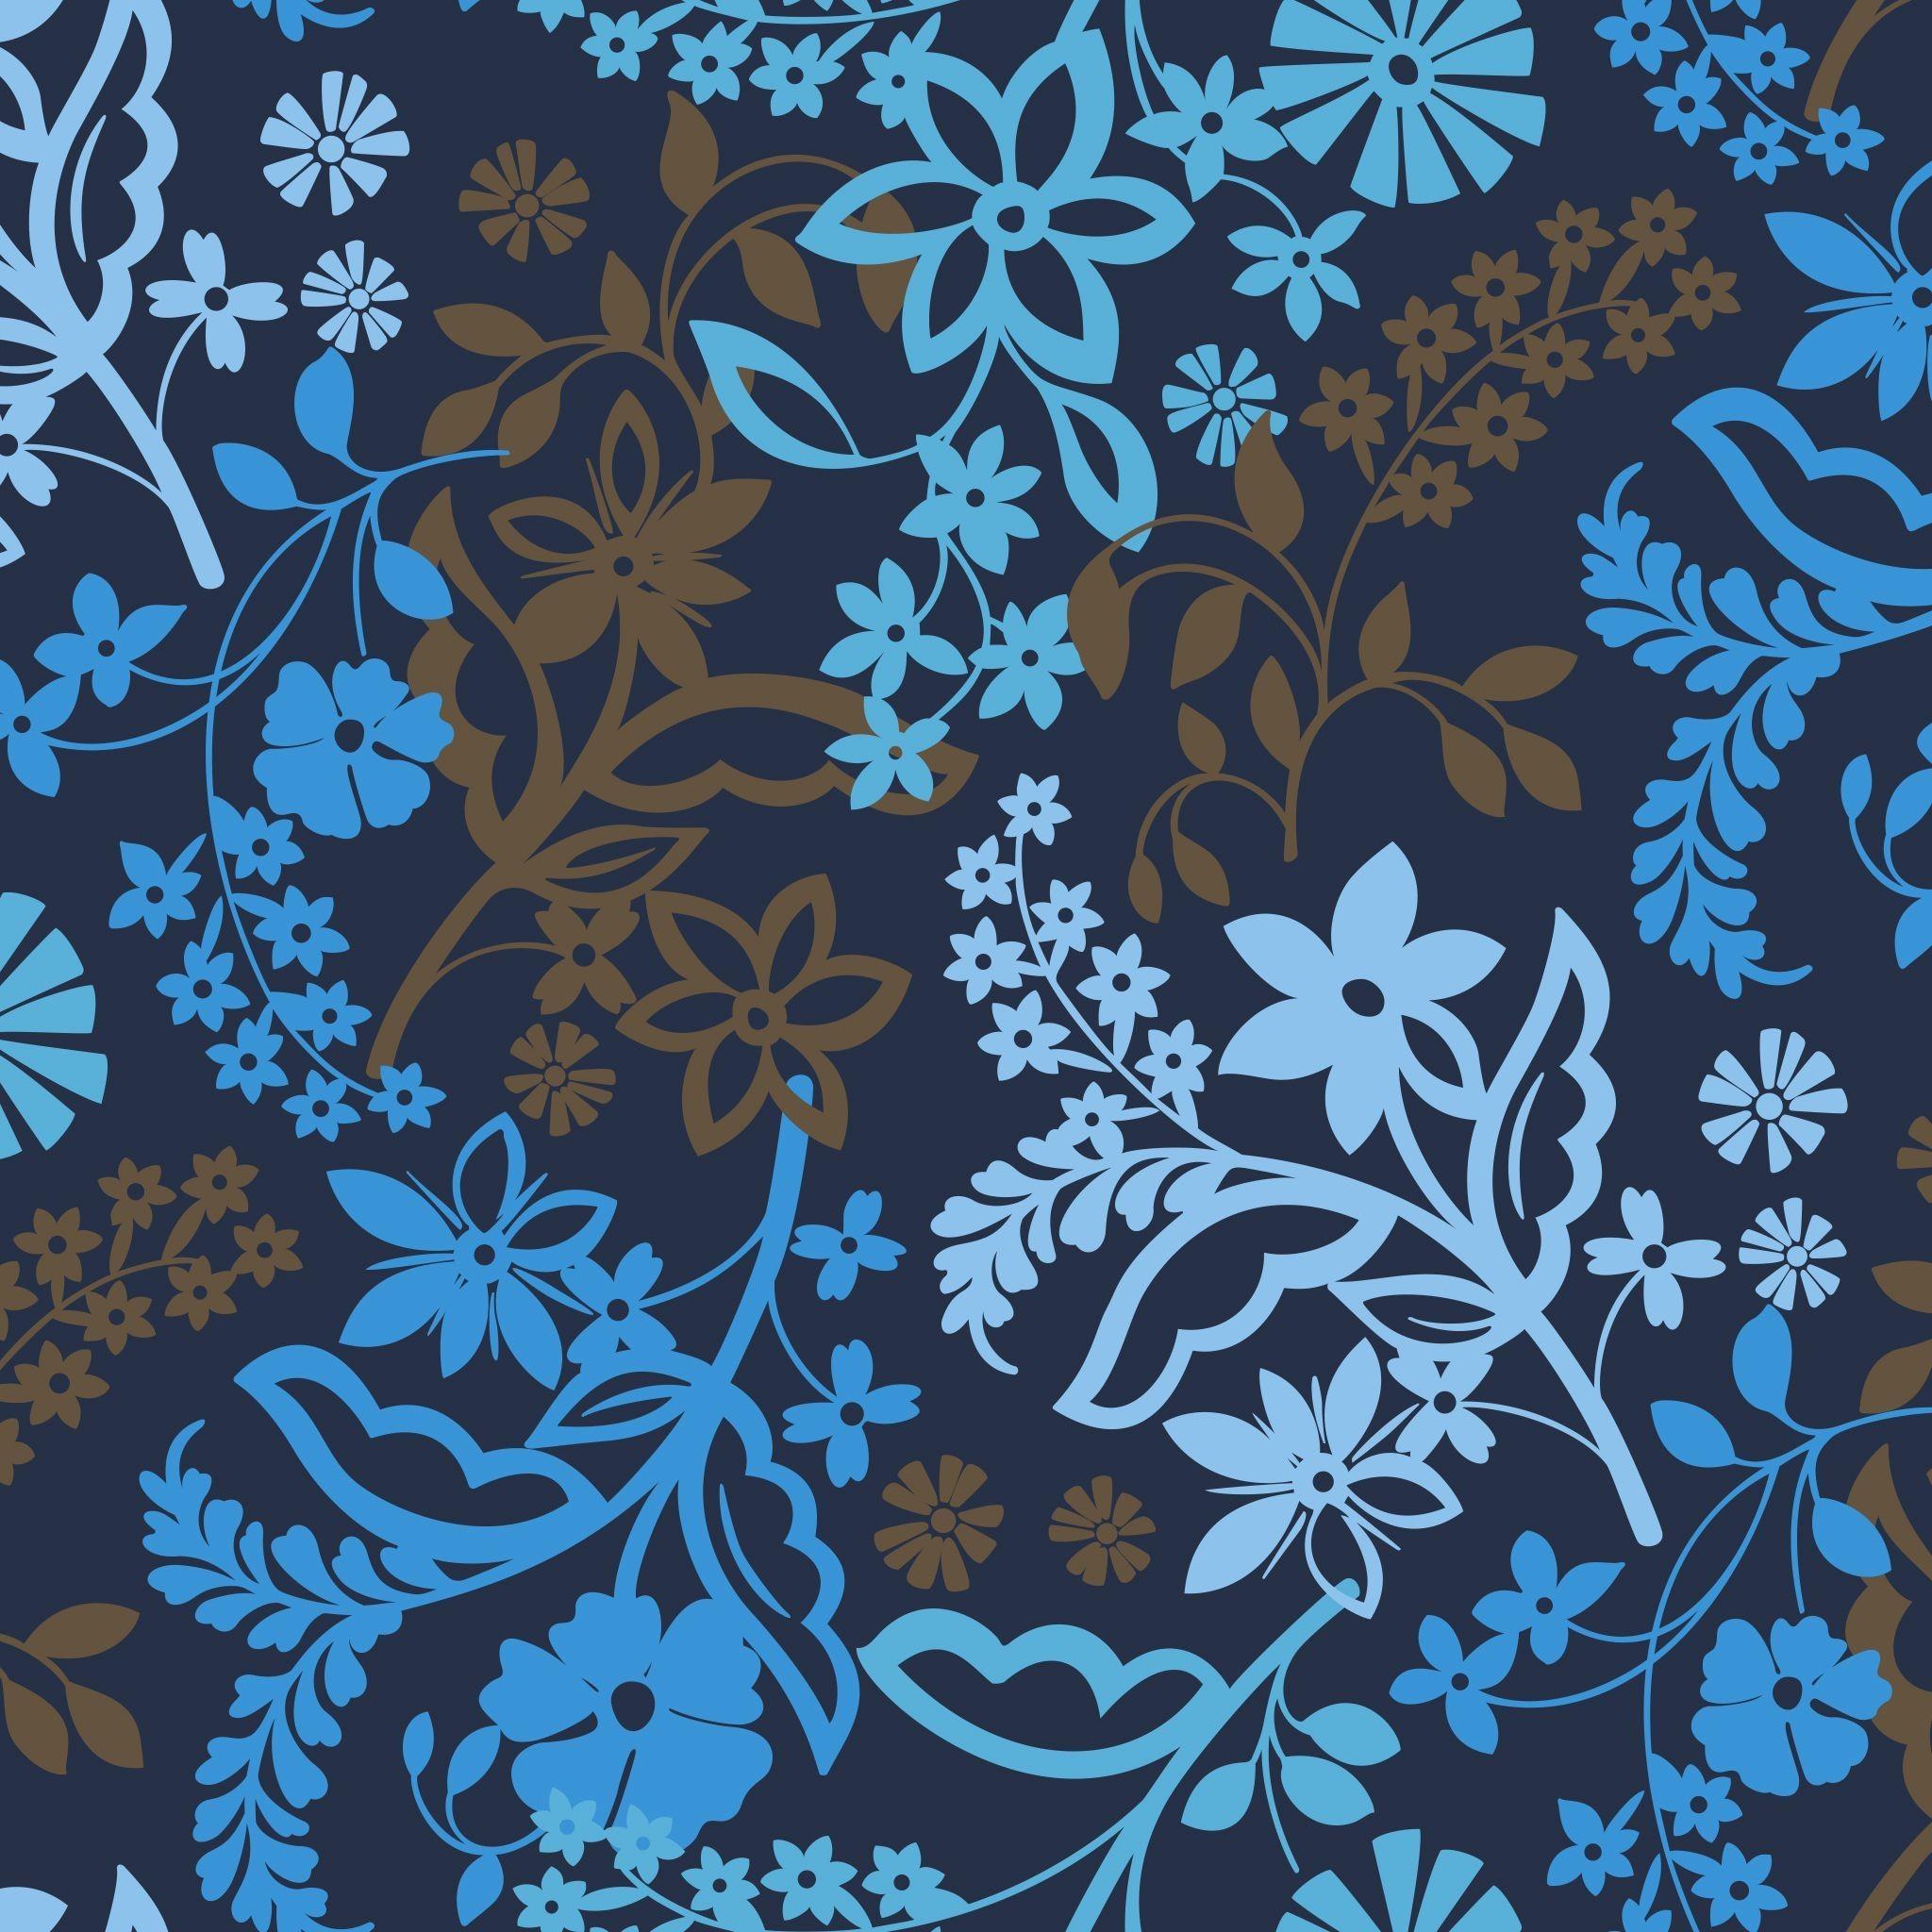 Java Floral Tablet Wallpaper Download